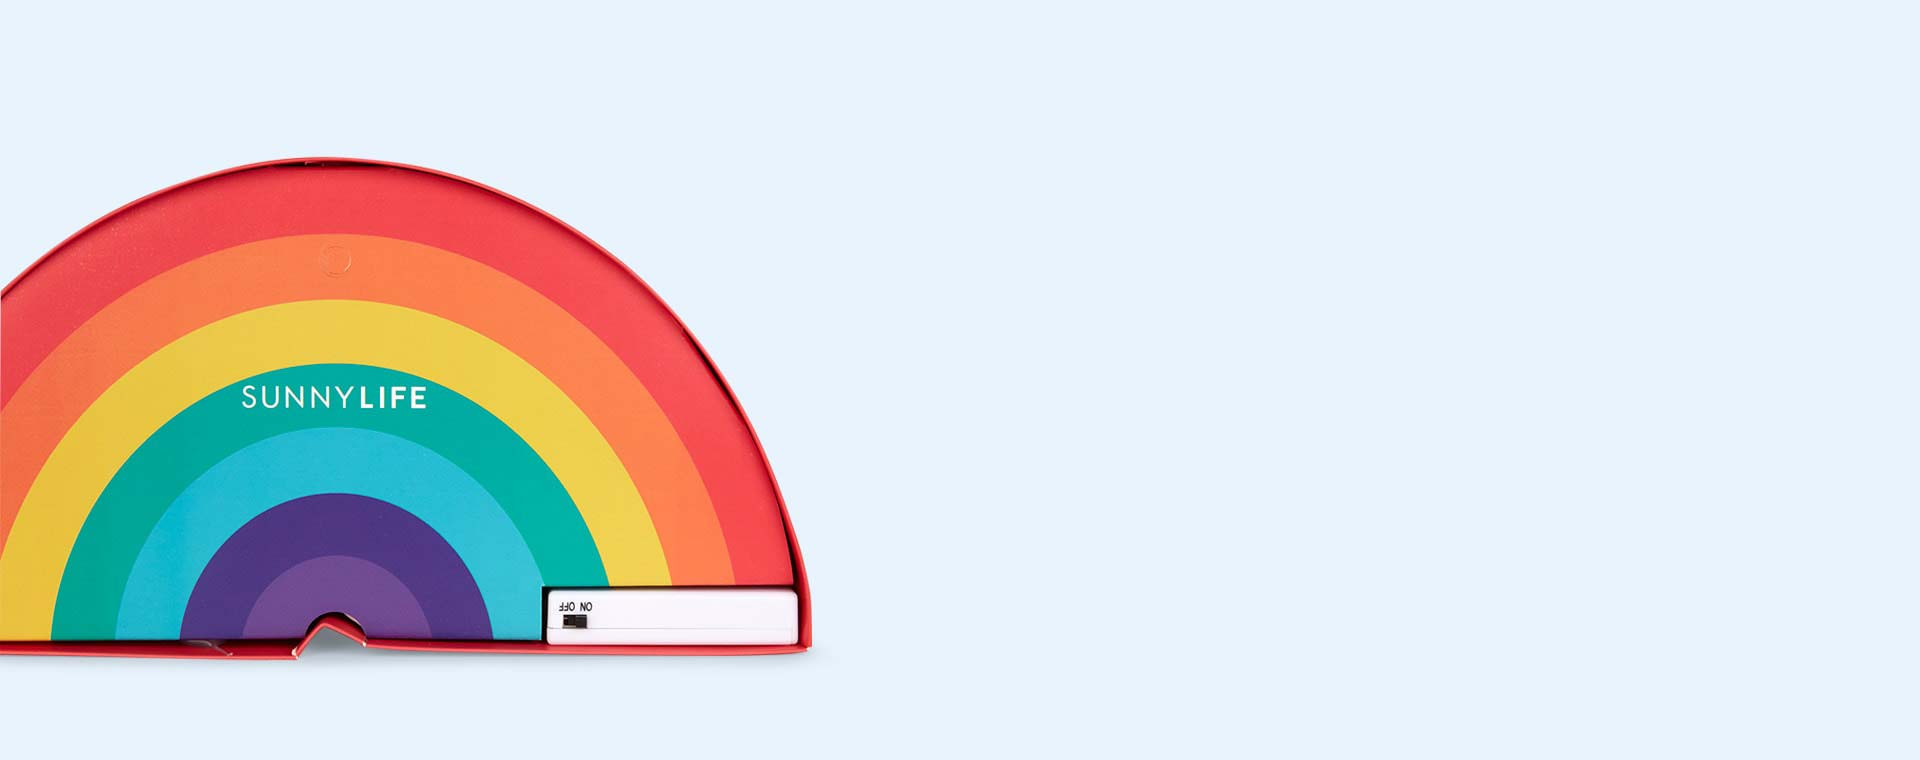 Multi Sunnylife Rainbow Light